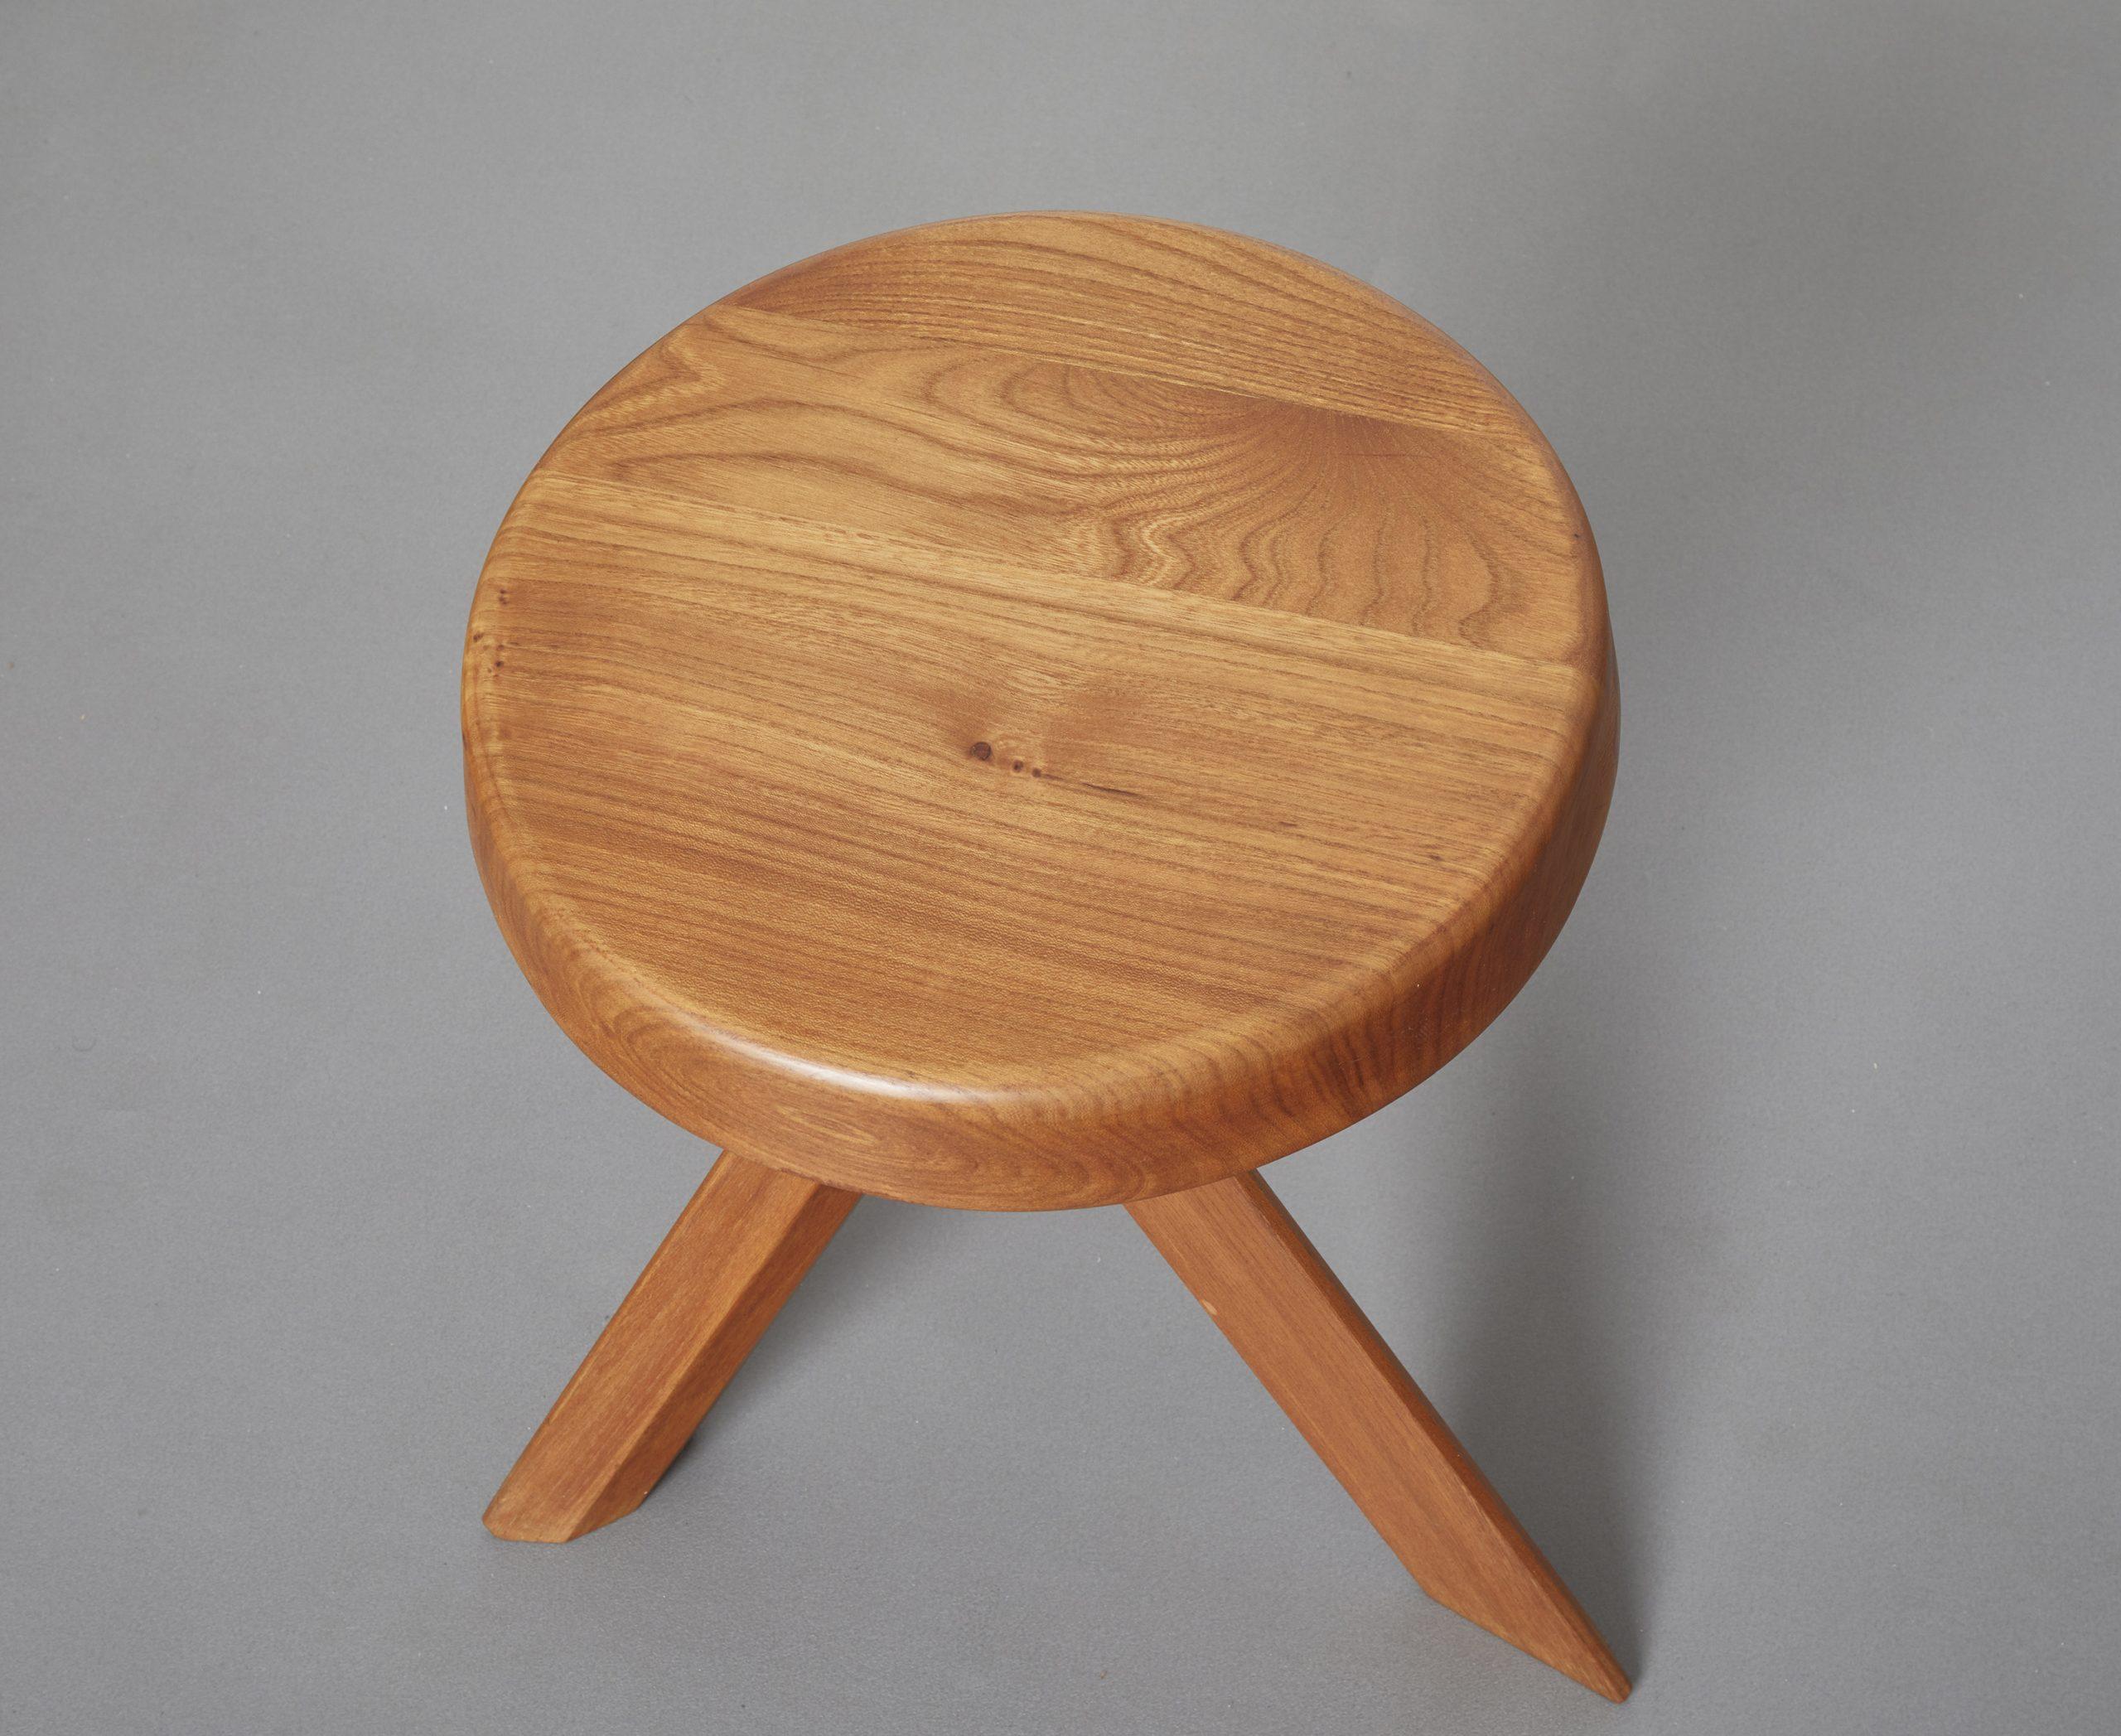 pierre-chapo-s31-elmwood-stool-image-04